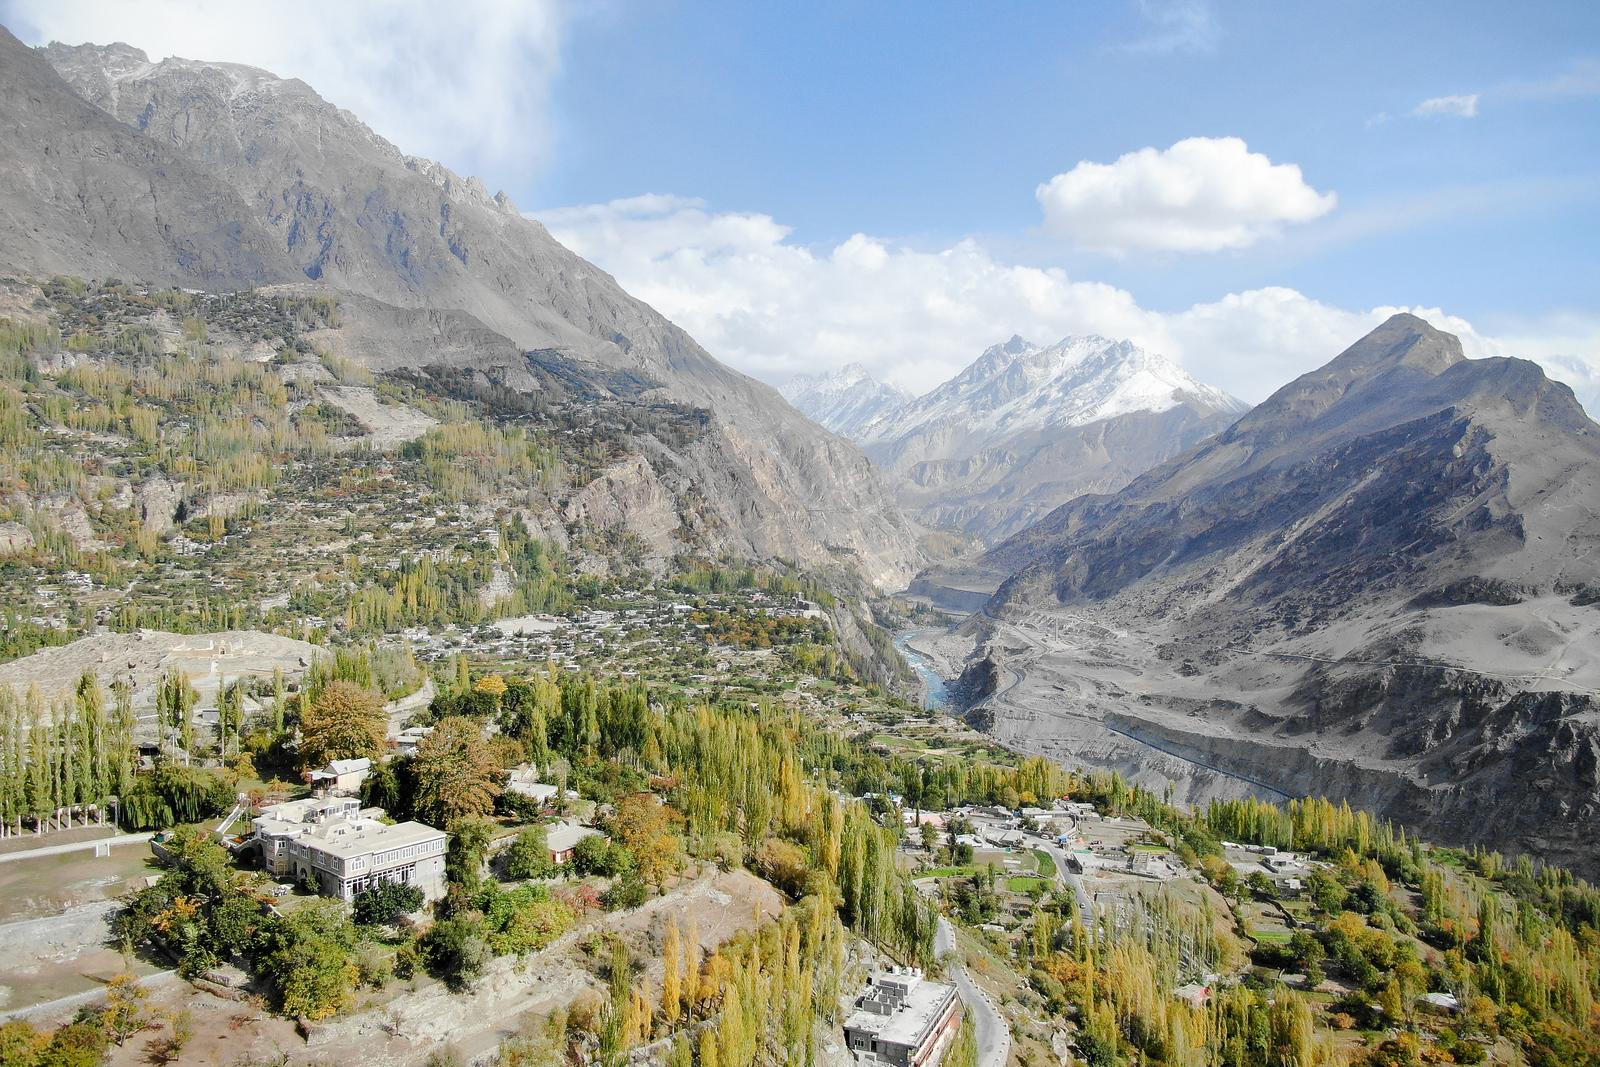 罕萨河谷,巴基斯坦